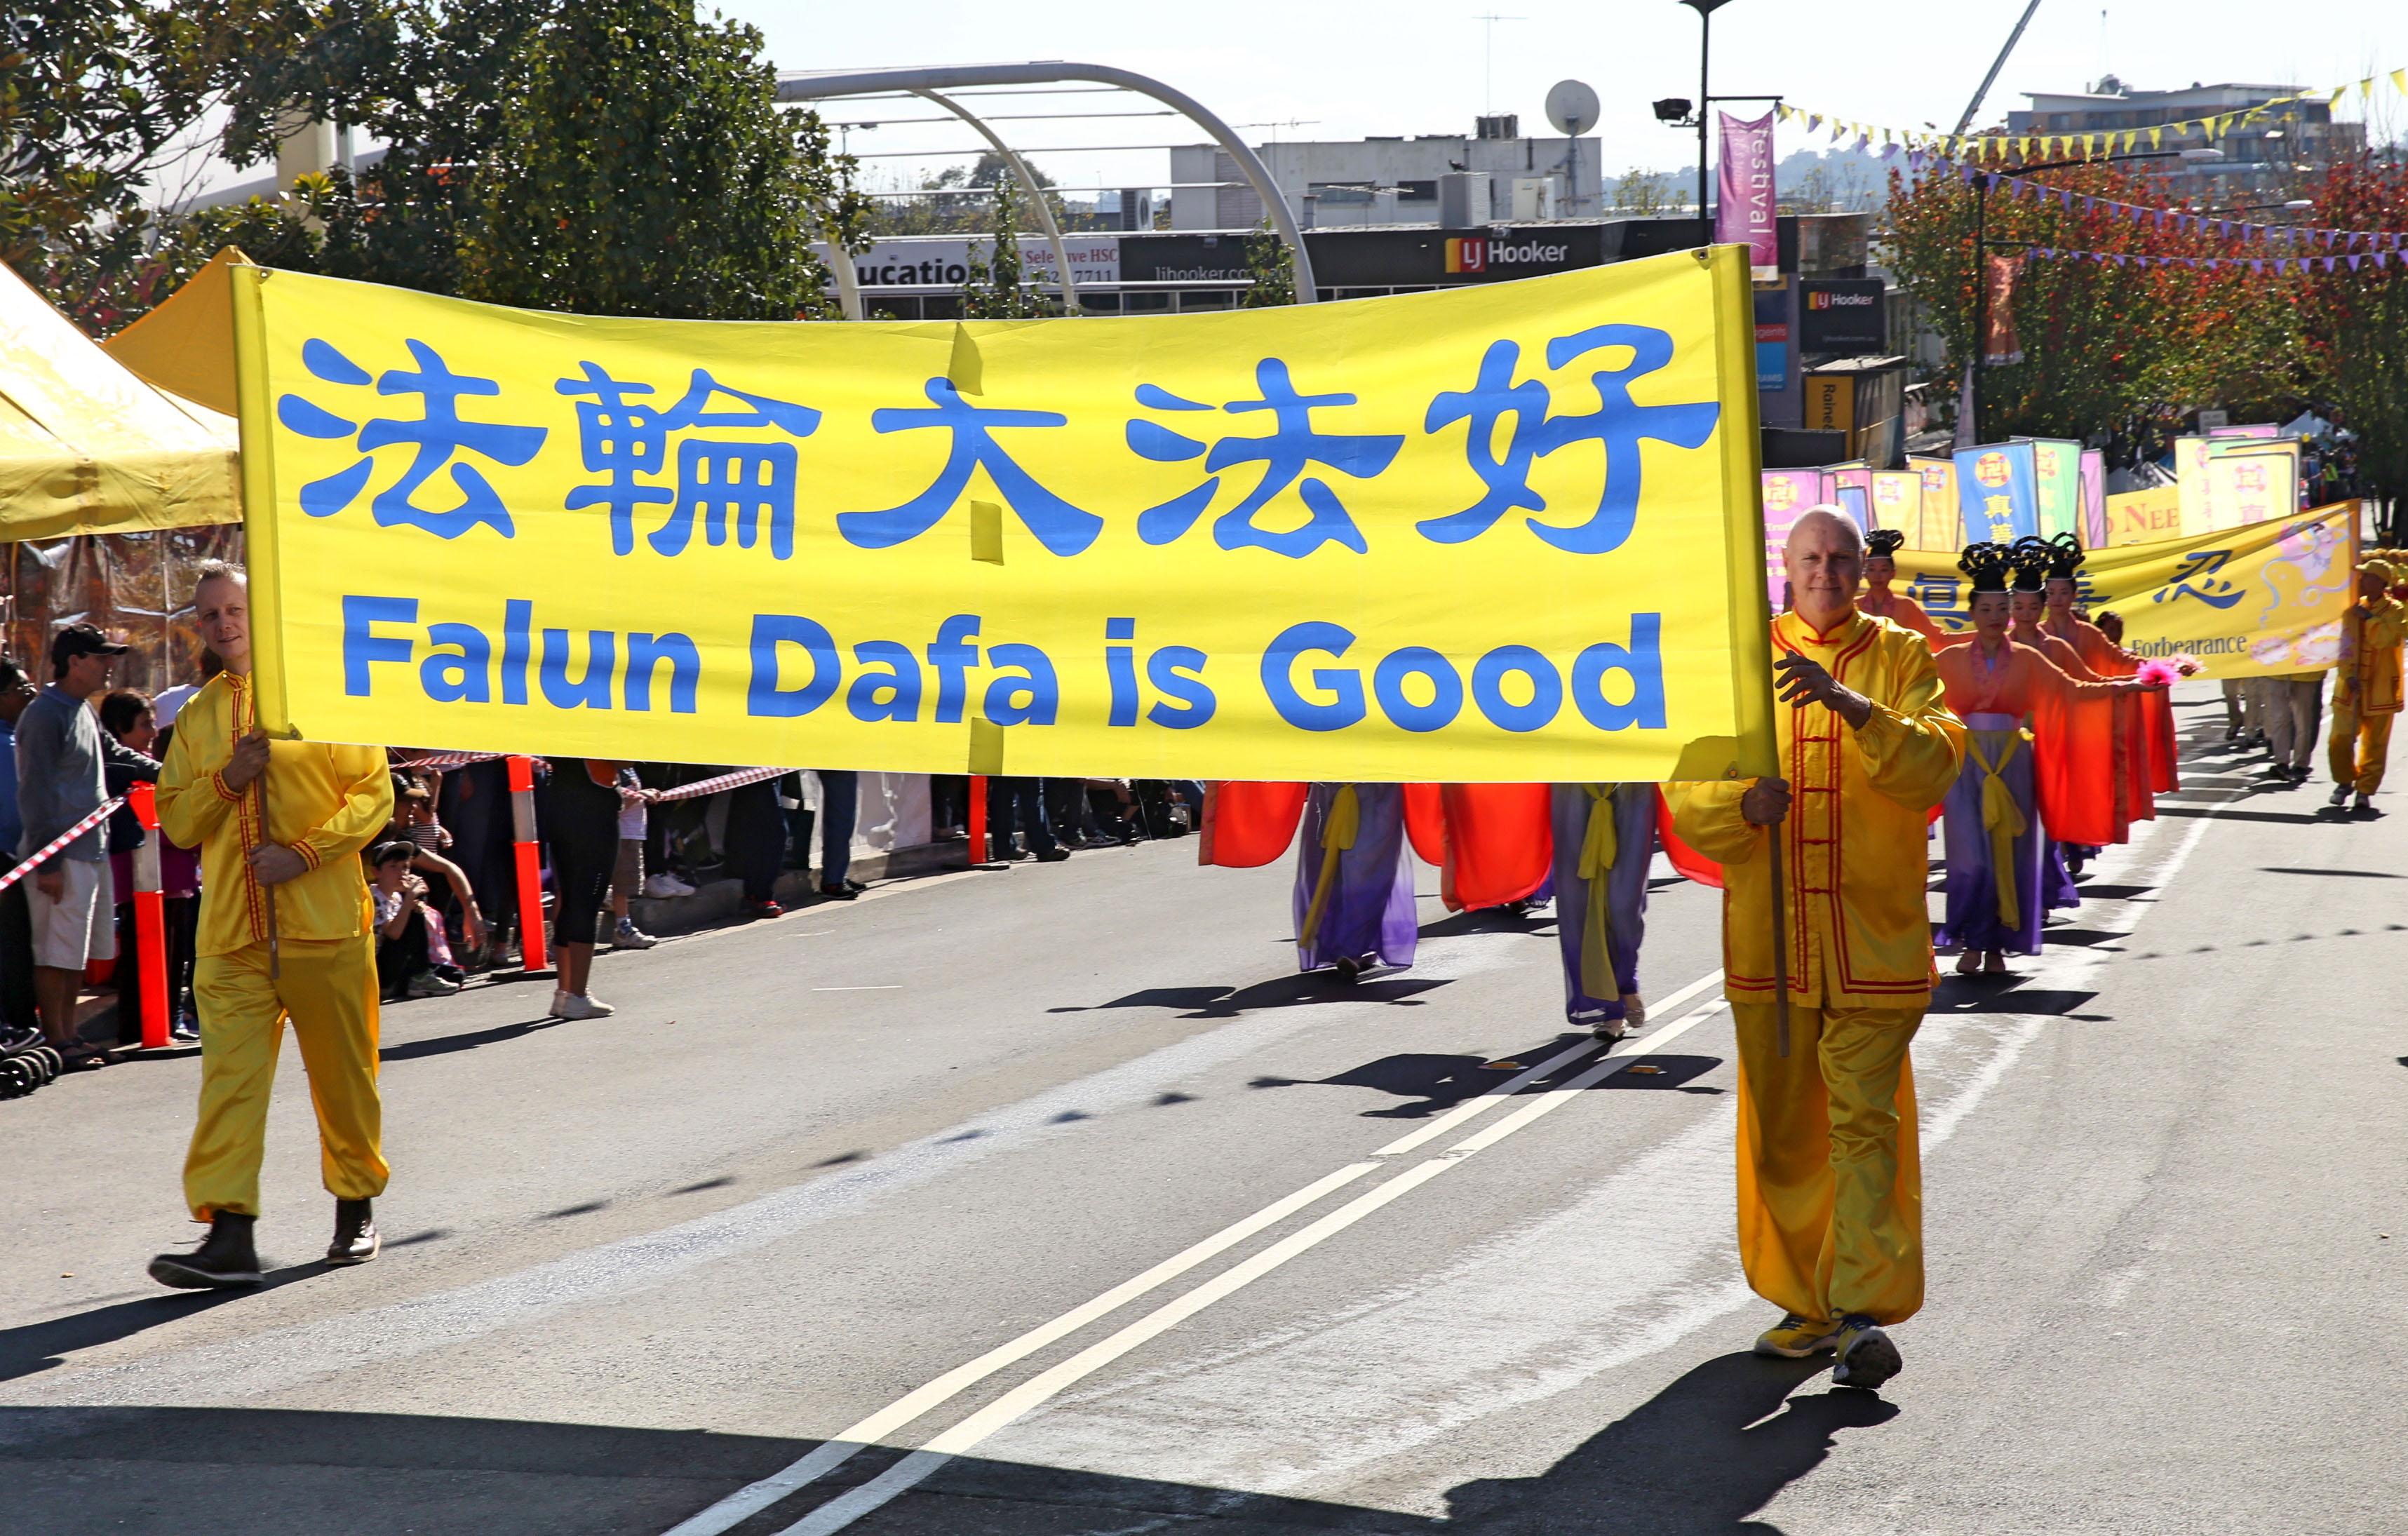 """5月27日,悉尼部分法轮功学员参加了本年度西悉尼黑镇市(Black Town)的盛大嘉年华游行,被当地纽省议员誉为""""优秀团体""""。(明慧网)"""